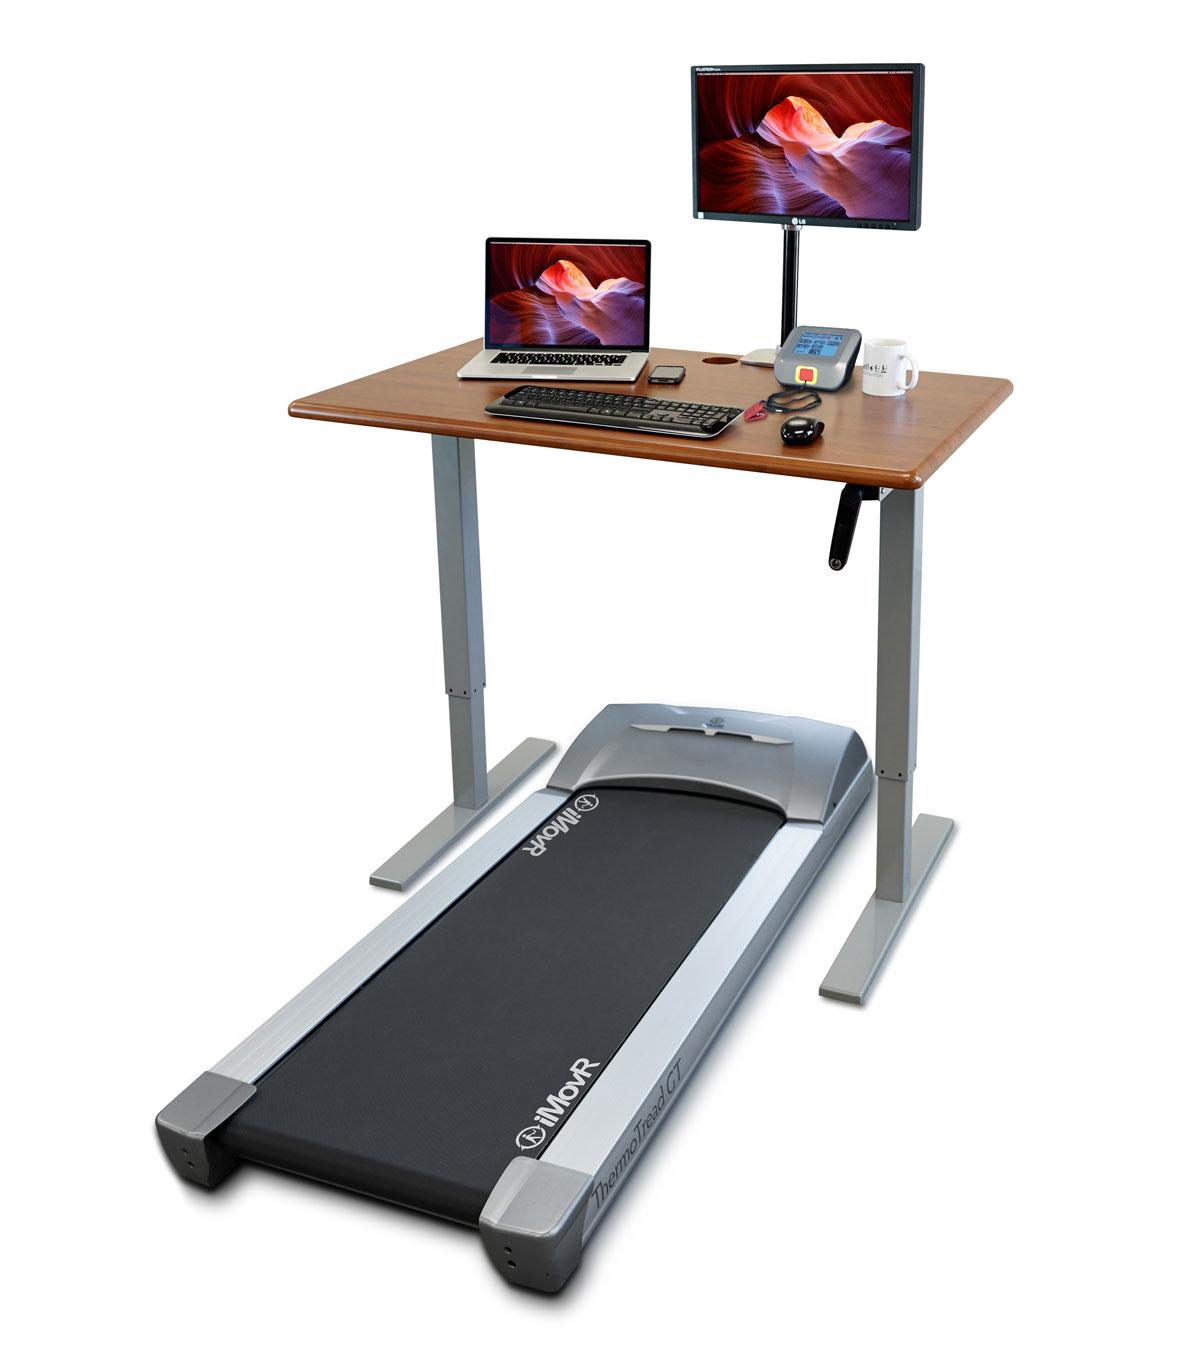 iMovR ThermoDesk Ellure Treadmill Desk